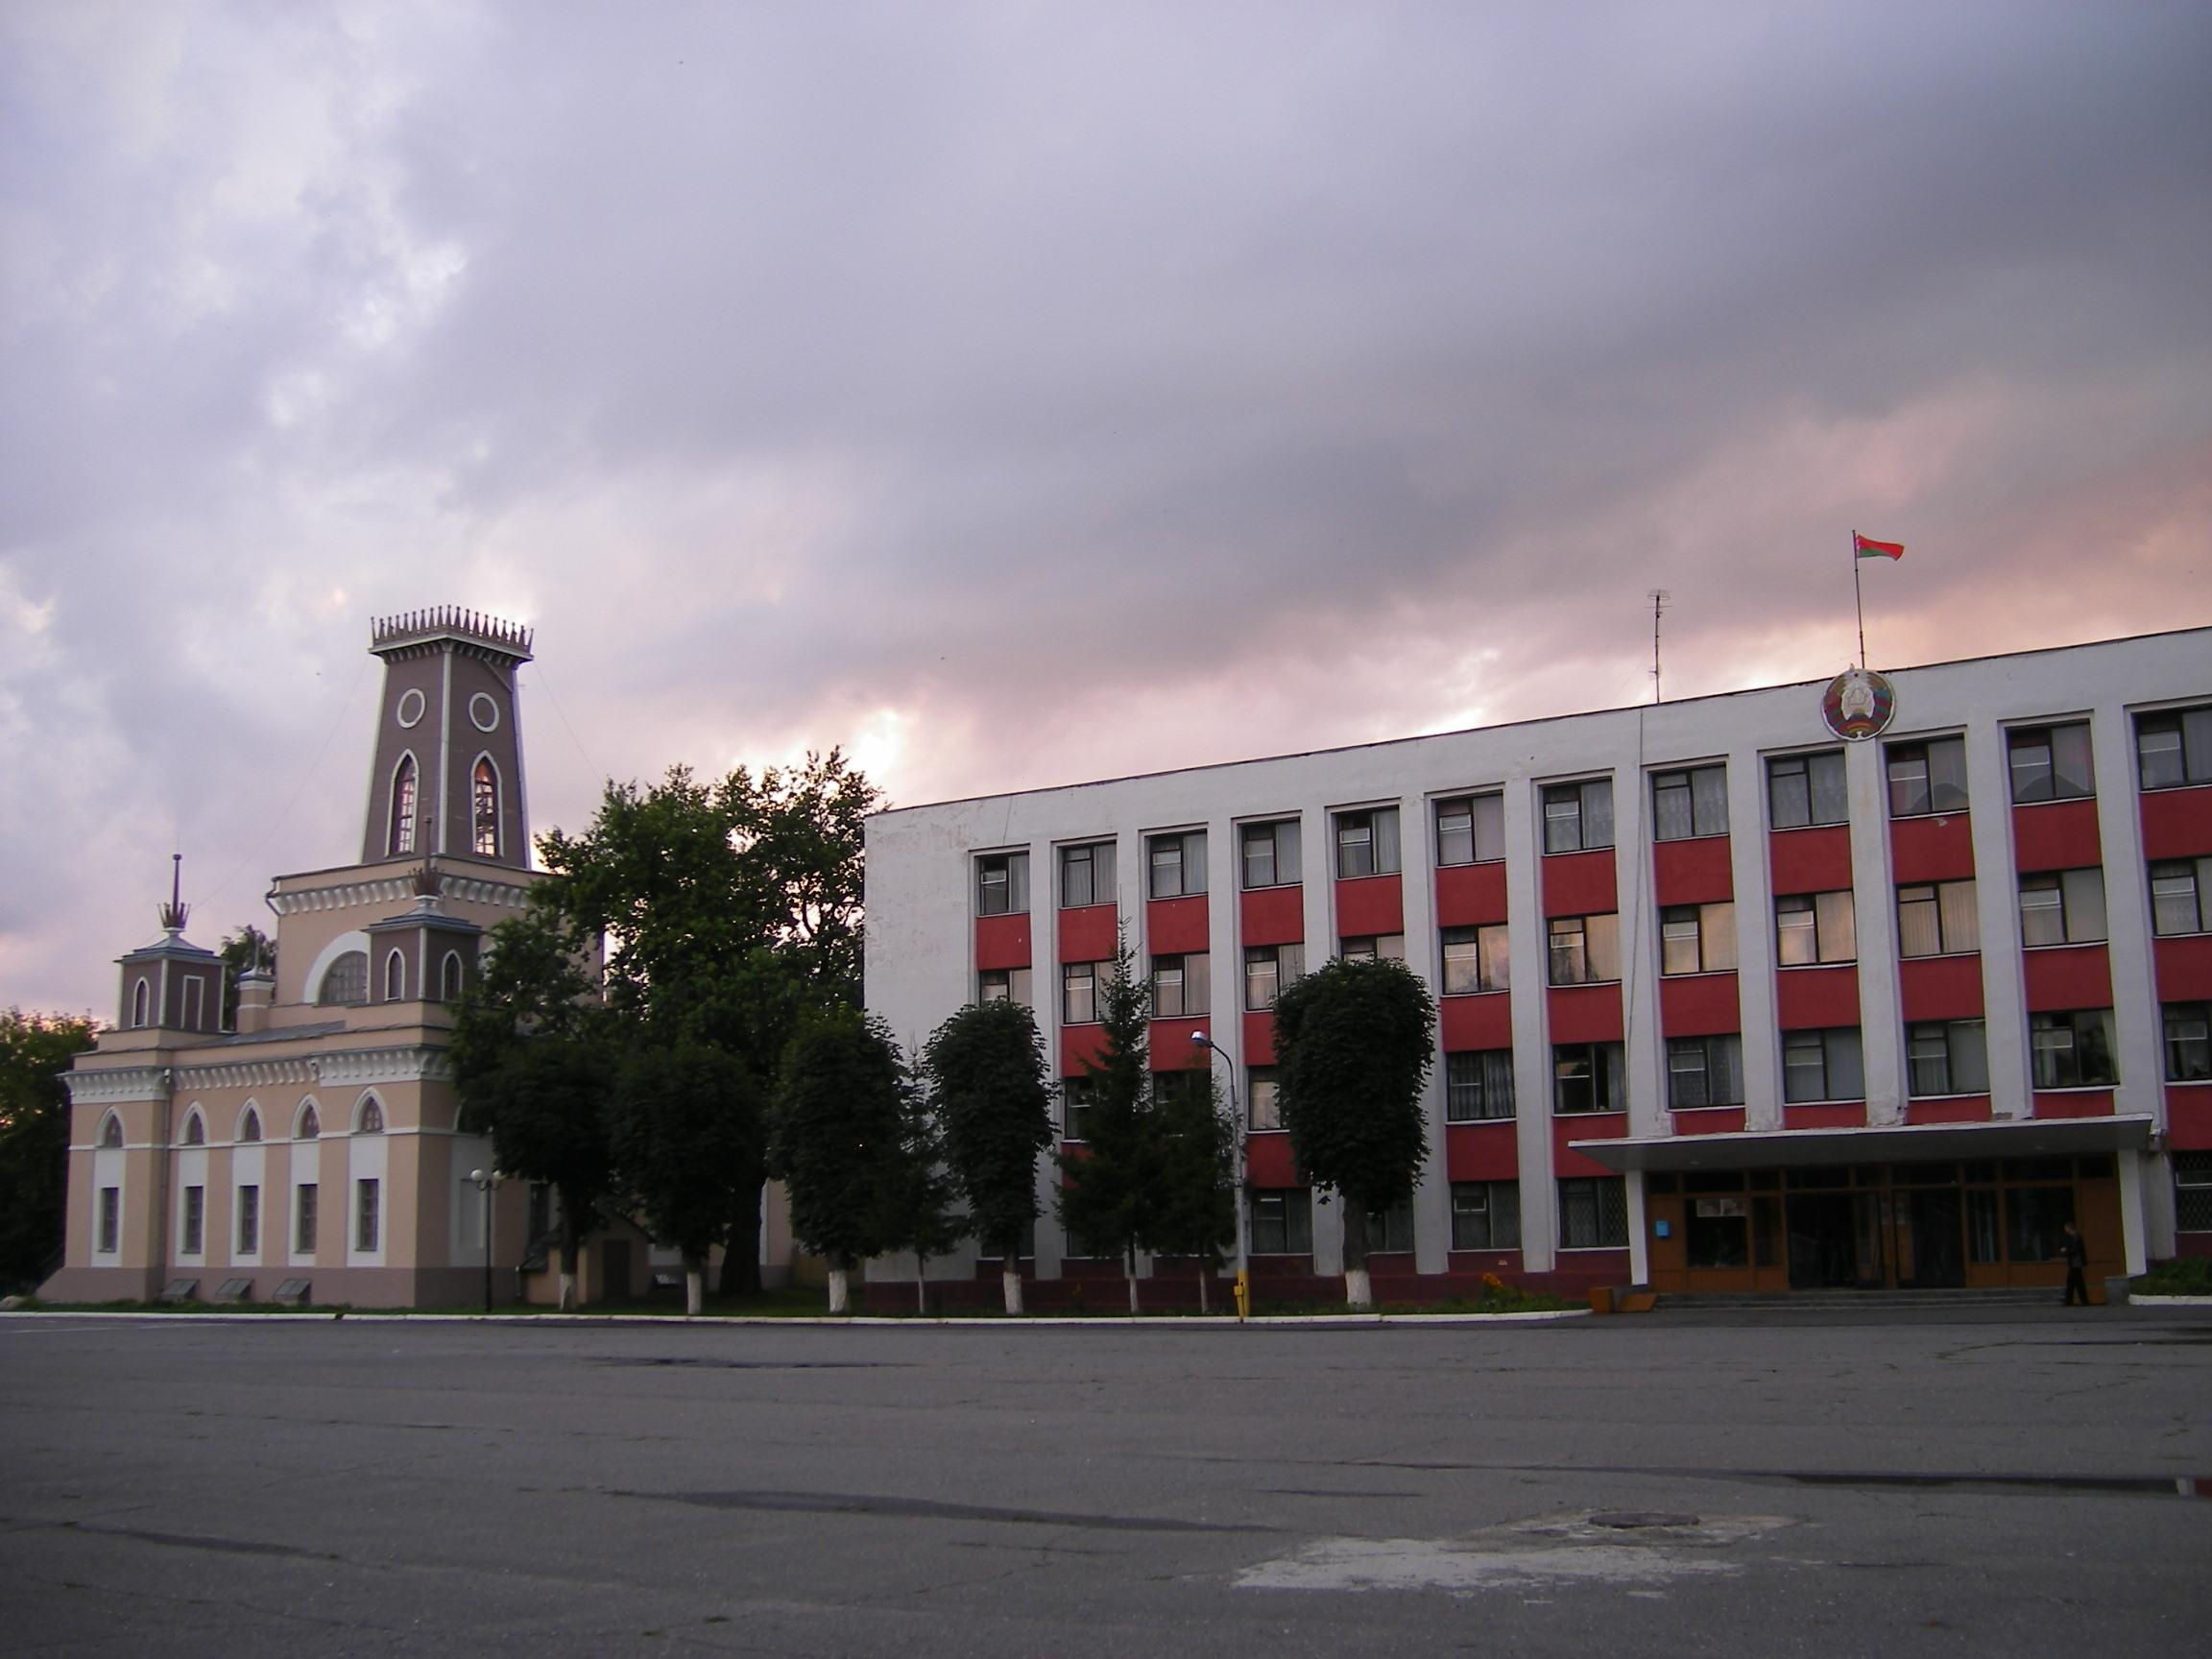 Tšatšersk